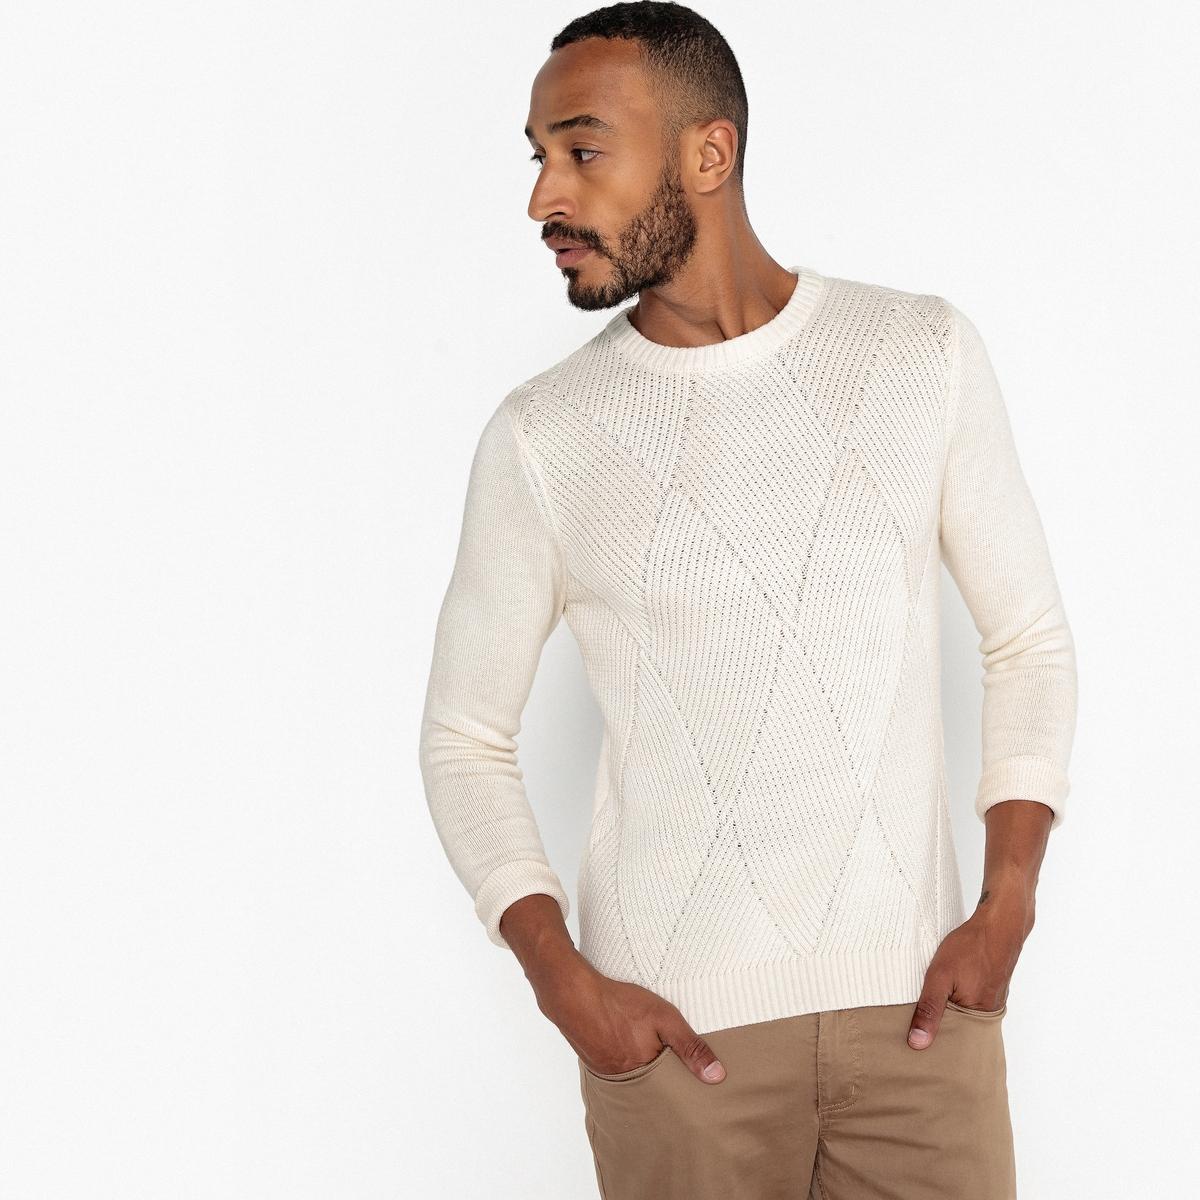 Пуловер La Redoute С круглым вырезом из плотного трикотажа 3XL бежевый пуловер la redoute с круглым вырезом из плотного трикотажа 3xl бежевый